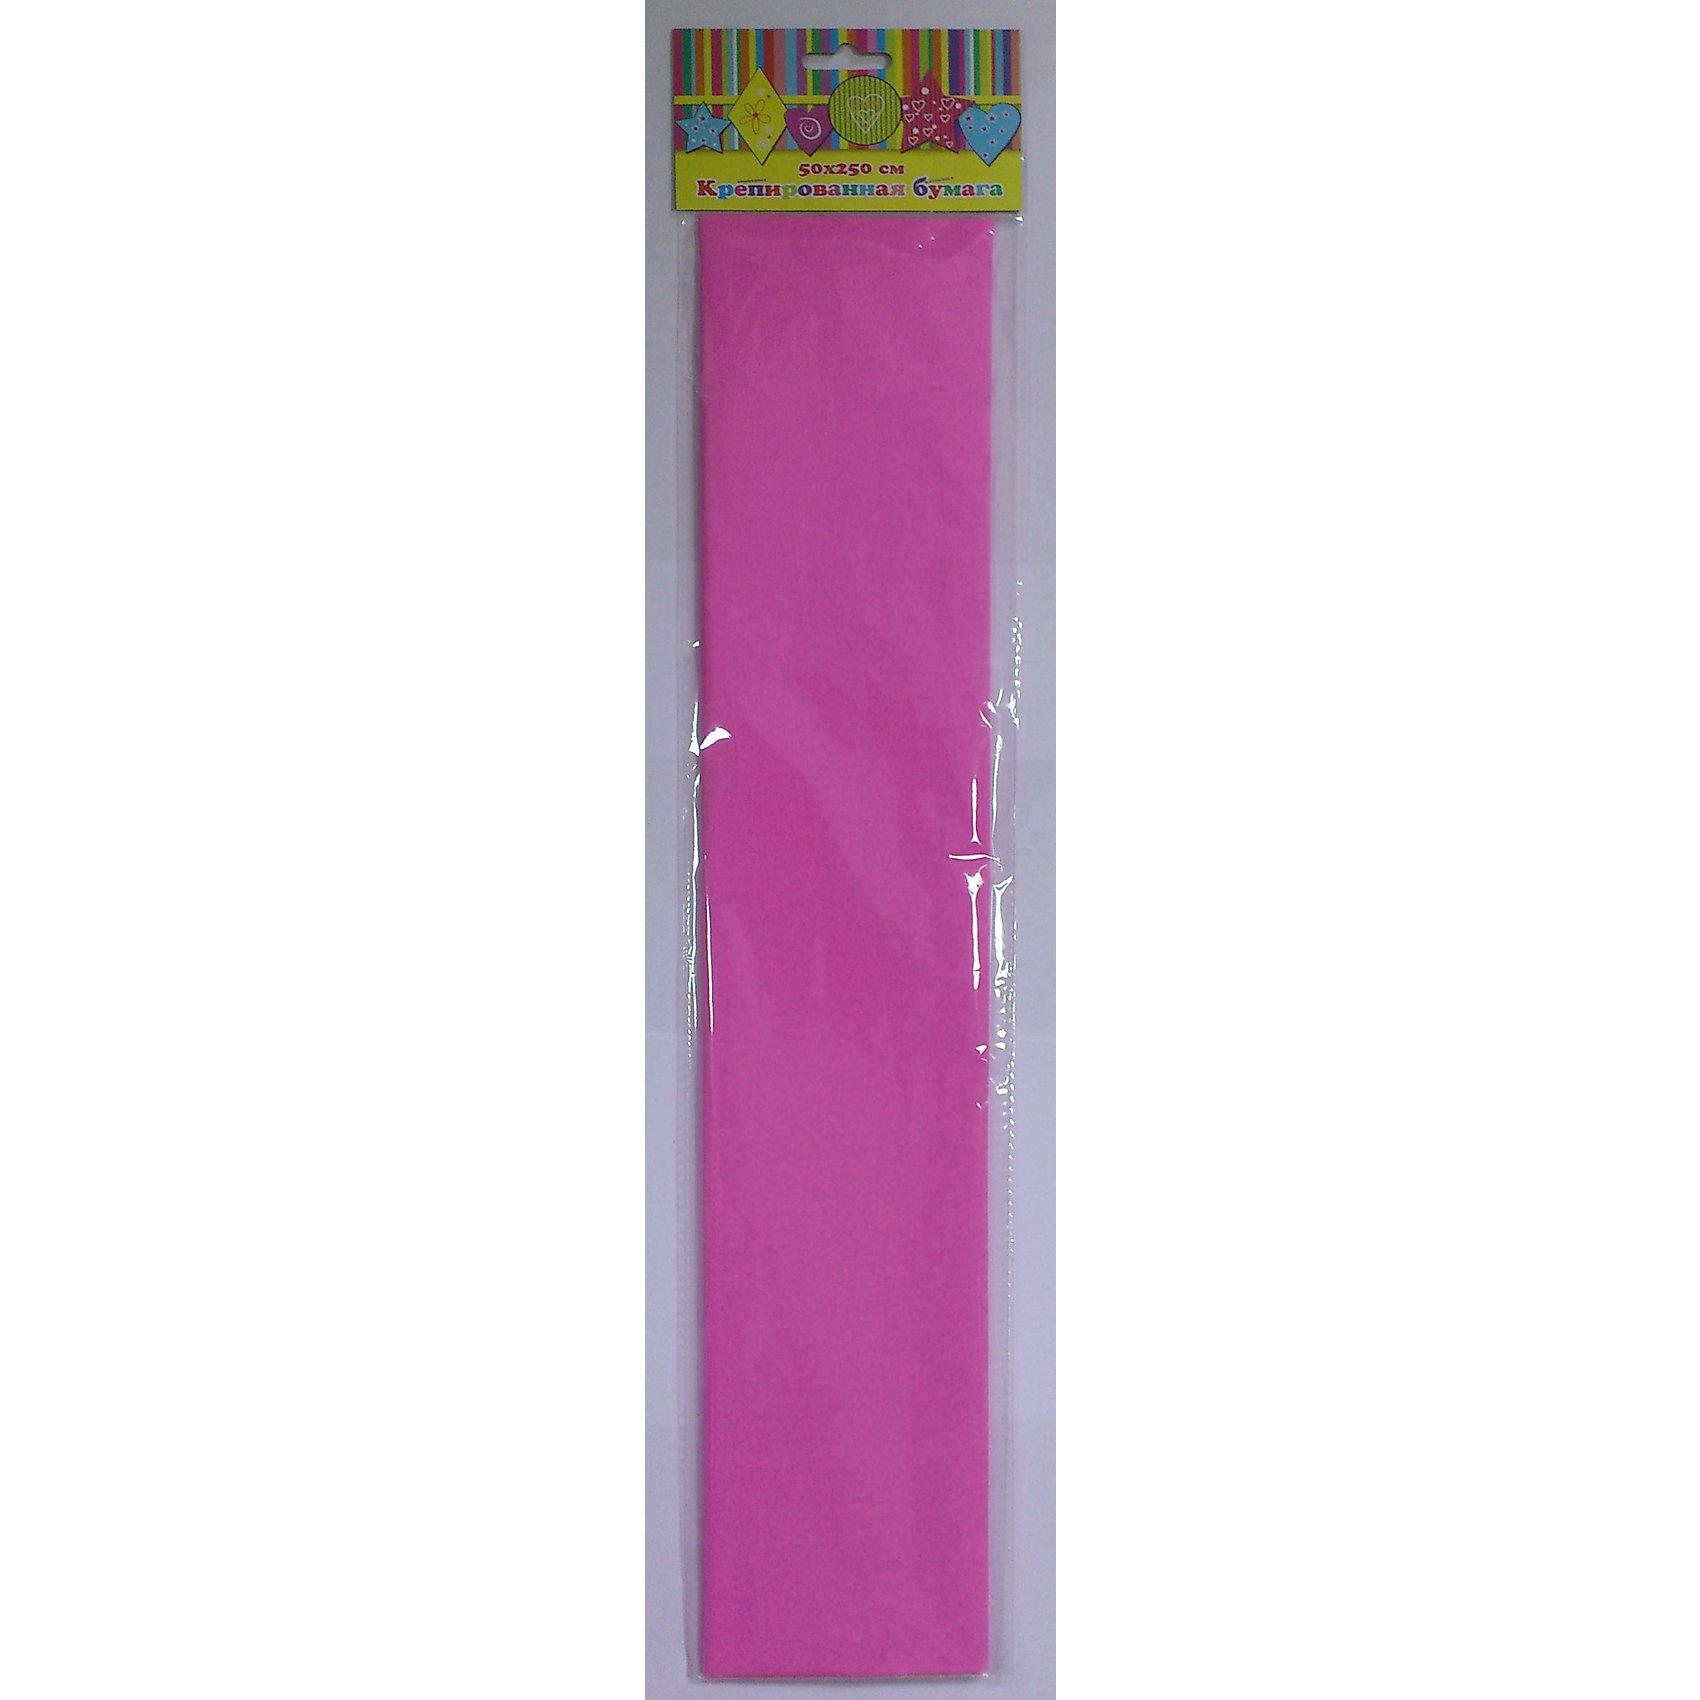 Бумага розовая крепированнаяРукоделие<br>Изумительная крепированная бумага розового цвета, из нее Ваш малыш сможет сделать множество ярких цветов или другие поделки.<br><br>Дополнительная информация:<br><br>- Возраст: от 3 лет.<br>- 1 лист.<br>- Цвет: розовый.<br>- Материал: бумага.<br>- Размеры: 50х250 см.<br>- Размер упаковки: 51х11х0,2 см.<br>- Вес в упаковке: 30 г. <br><br>Купить крепированную бумагу в розовом цвете, можно в нашем магазине.<br><br>Ширина мм: 510<br>Глубина мм: 110<br>Высота мм: 2<br>Вес г: 30<br>Возраст от месяцев: 36<br>Возраст до месяцев: 2147483647<br>Пол: Унисекс<br>Возраст: Детский<br>SKU: 4943425